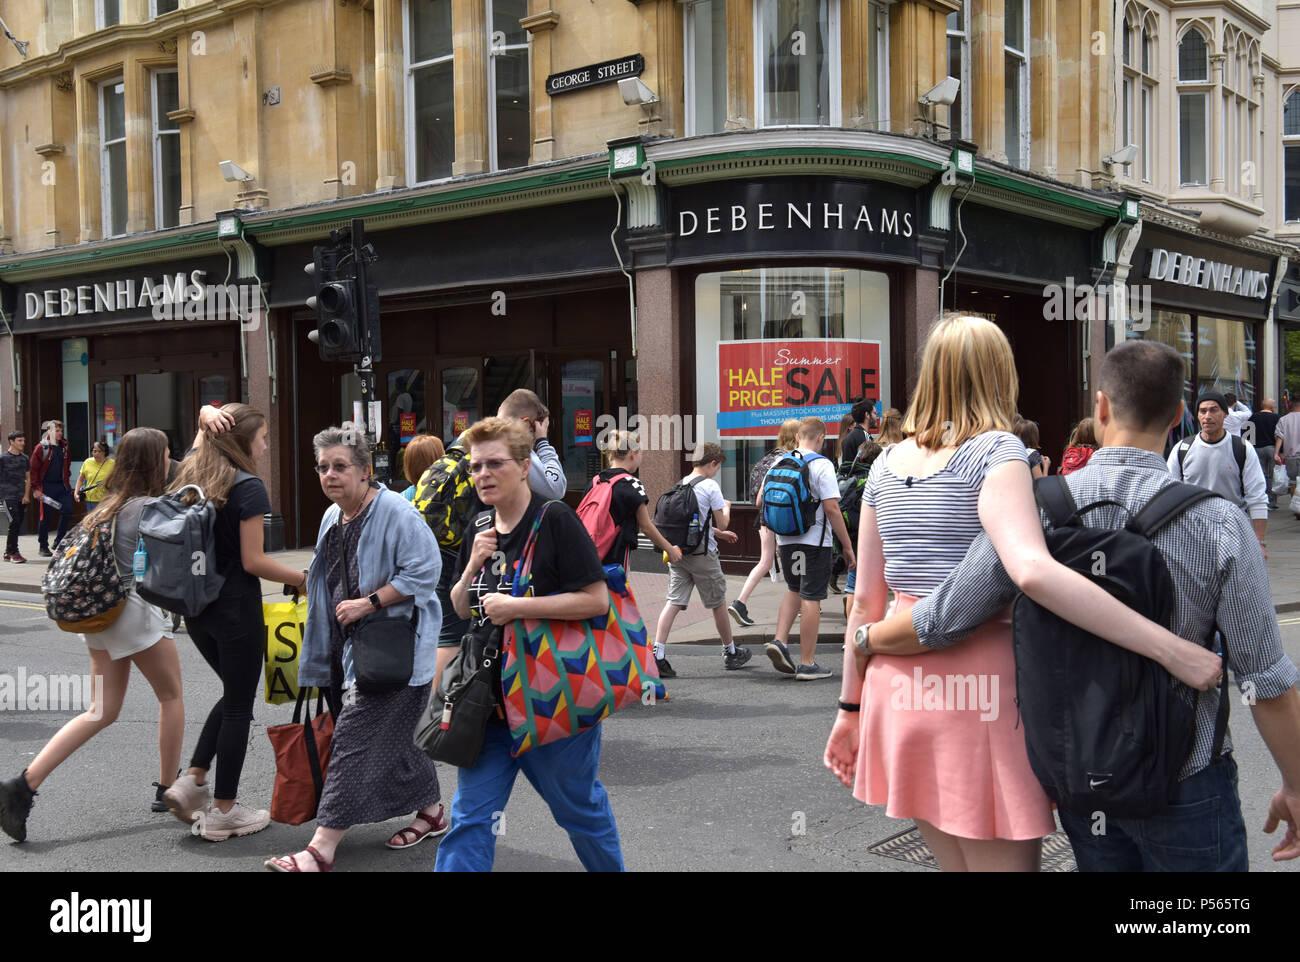 Käufer und Touristen zu Fuß vorbei am Kaufhaus Debenhams an der Ecke der High Street, George Street in Oxford. Stockbild